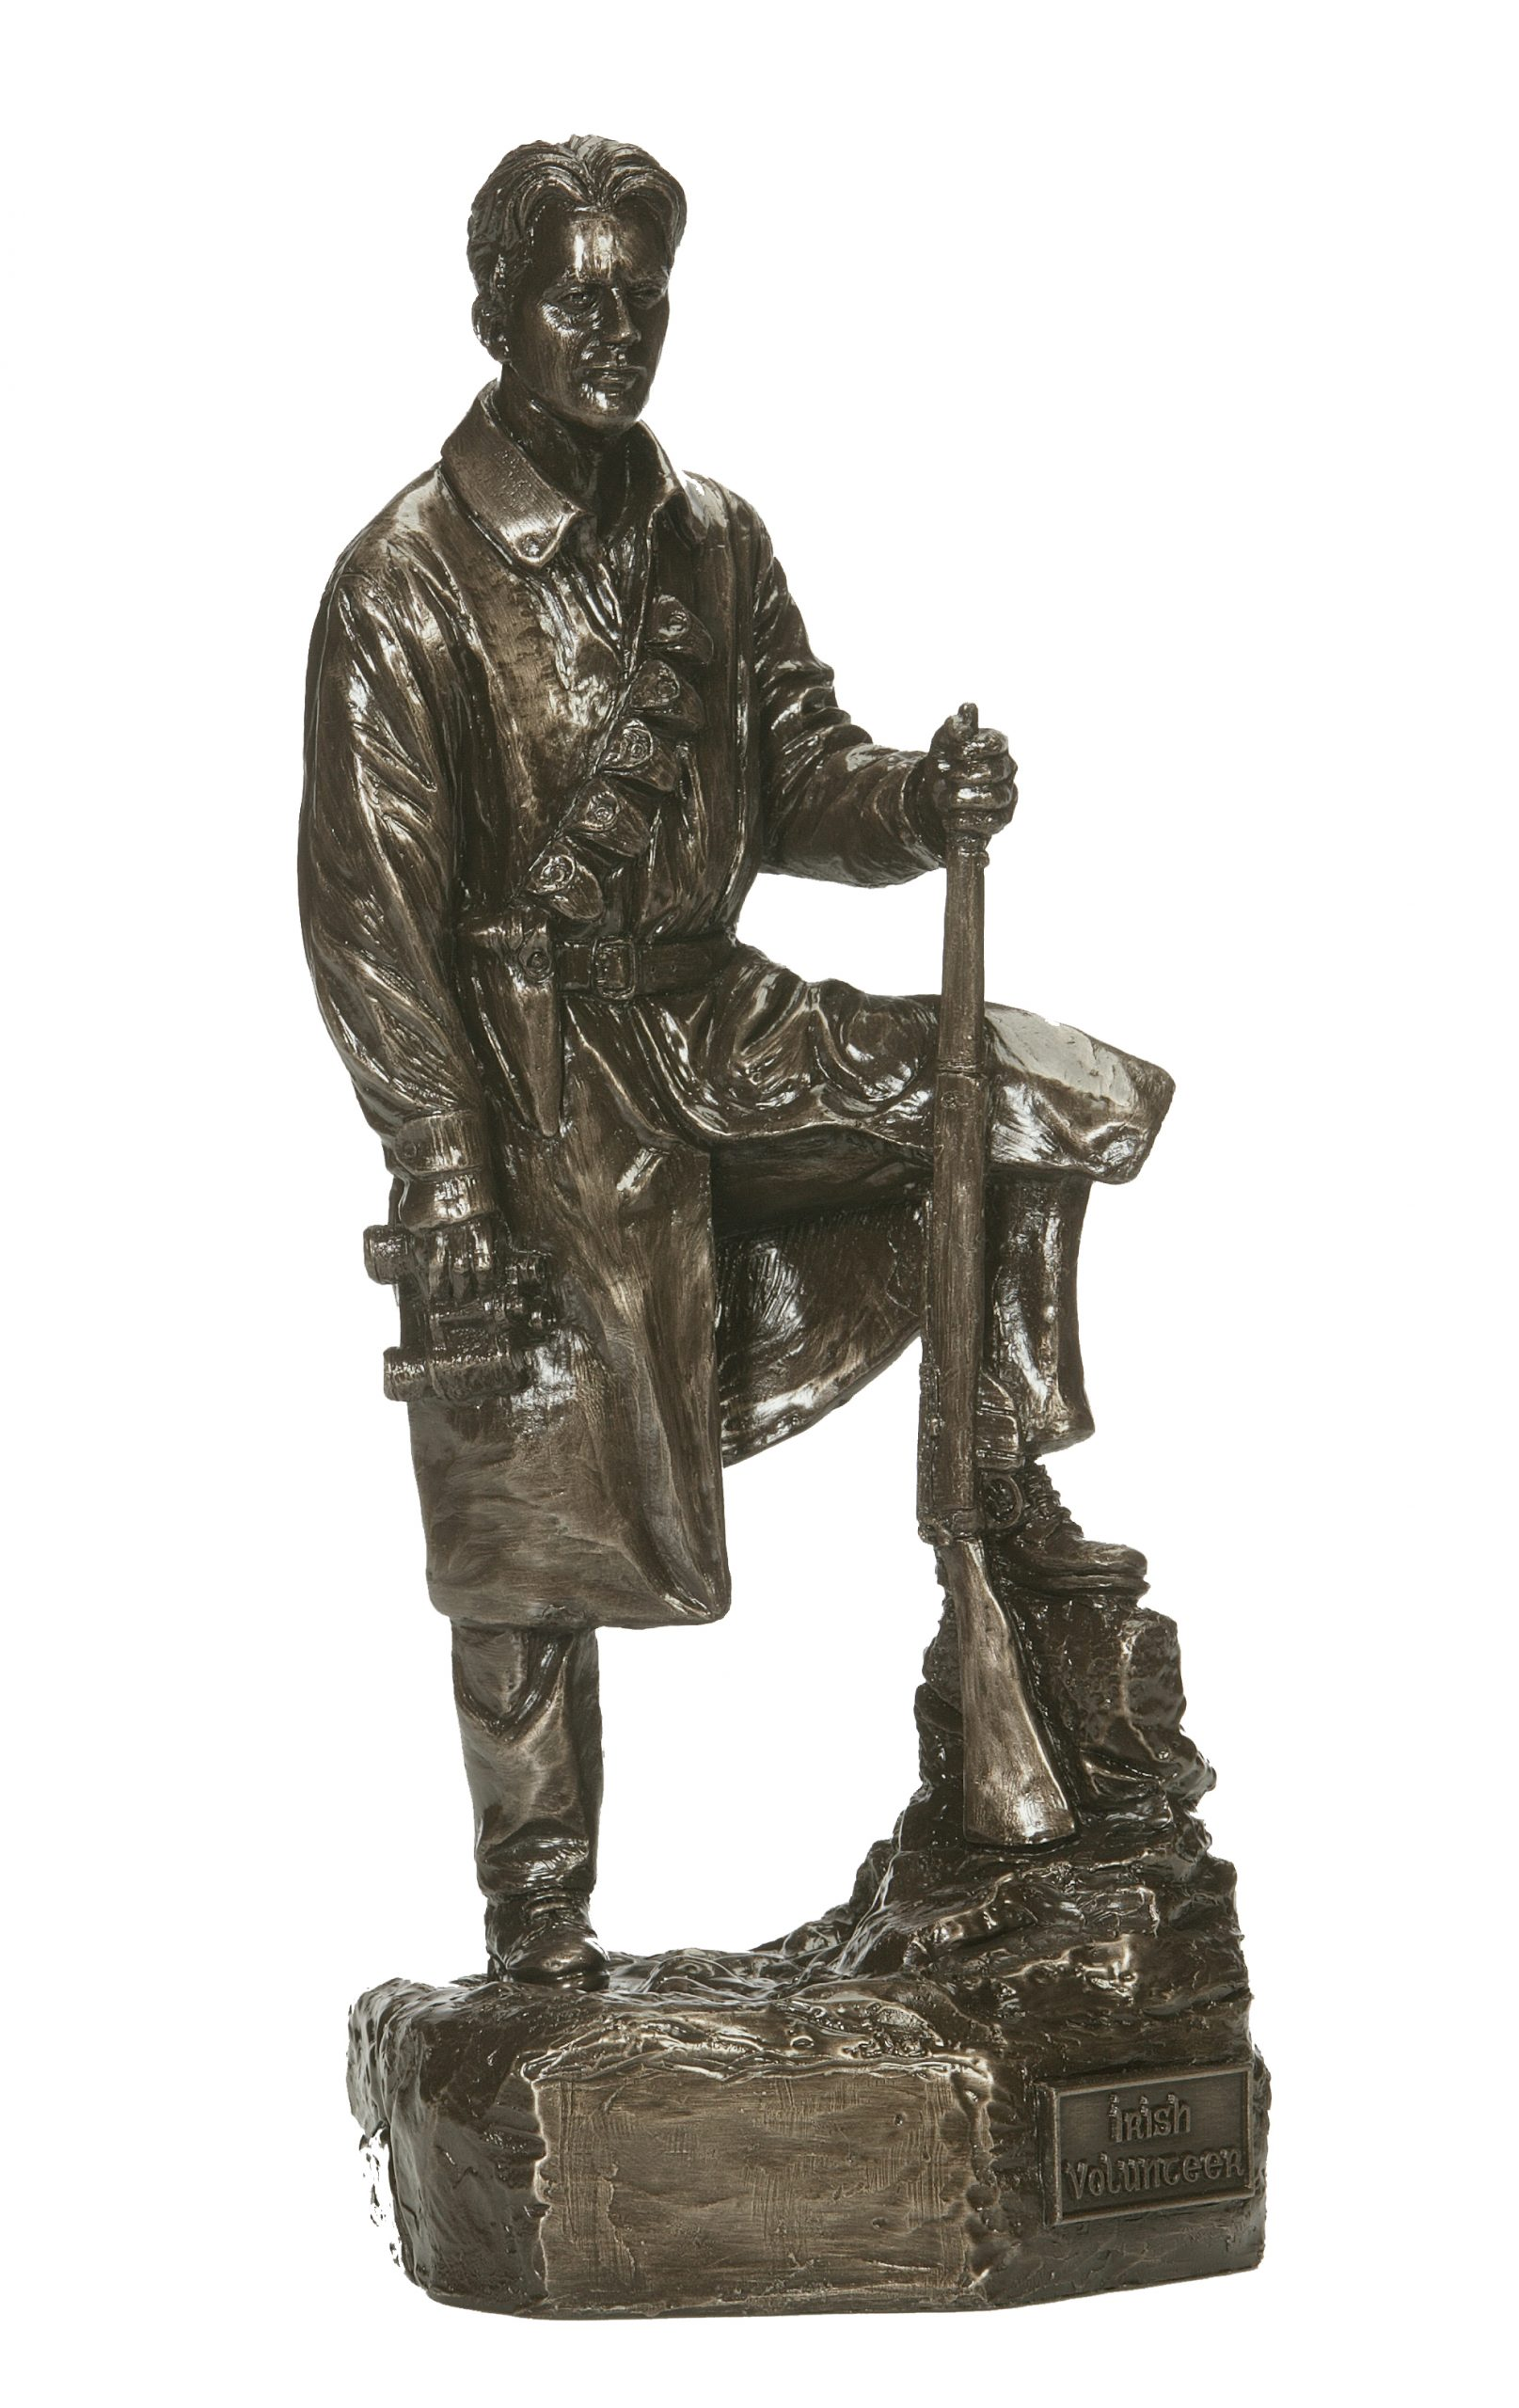 Irish Volunteer Statue (HF15)